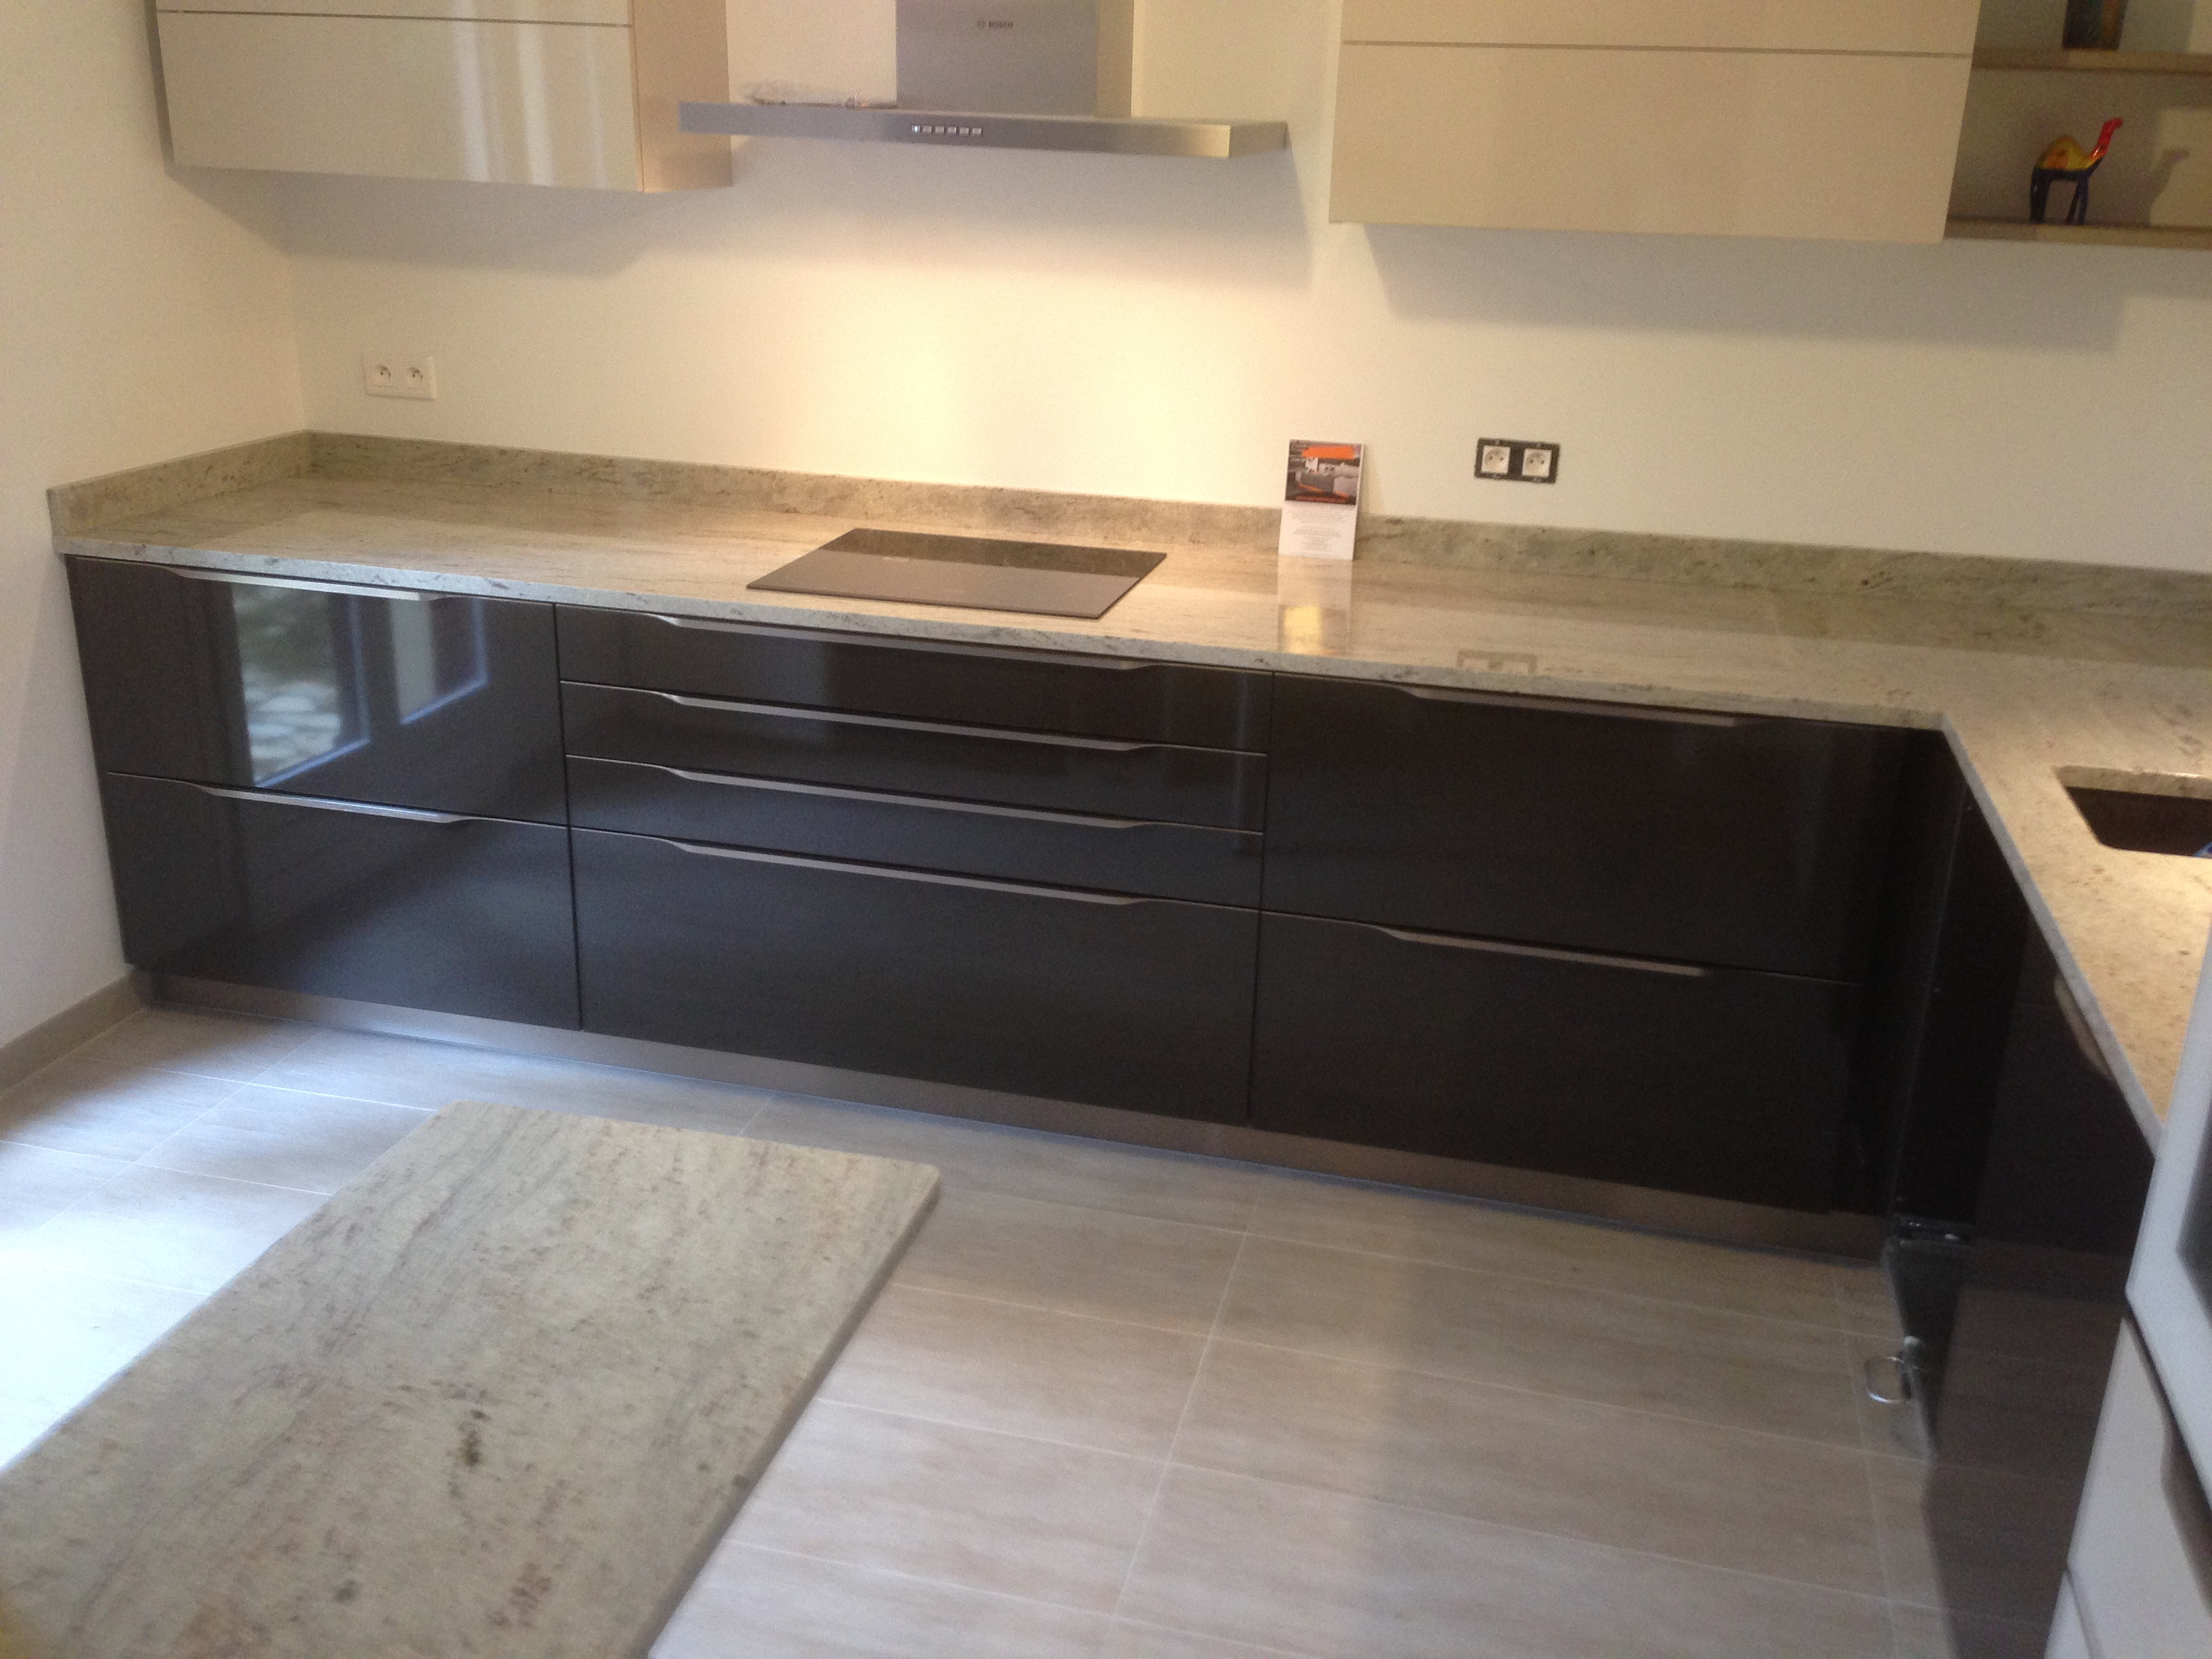 devis plan de travail com paris granit quartz marbre plans de travail en granit 91. Black Bedroom Furniture Sets. Home Design Ideas